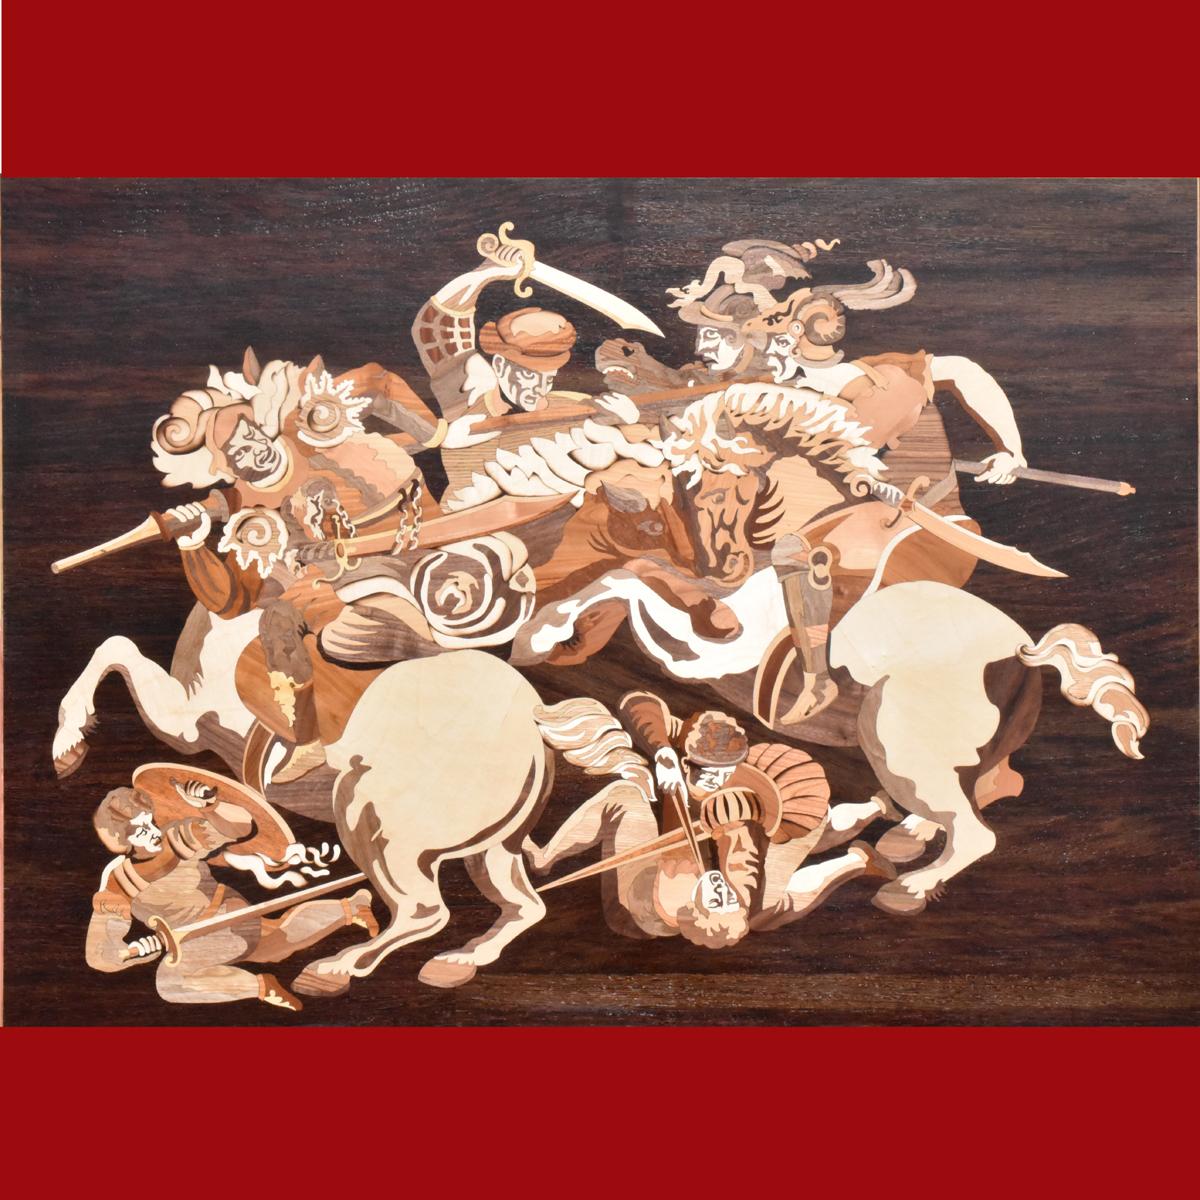 mastro-santi-del-sere-cabinetmakers-anghiari-arezzo-thumbnail